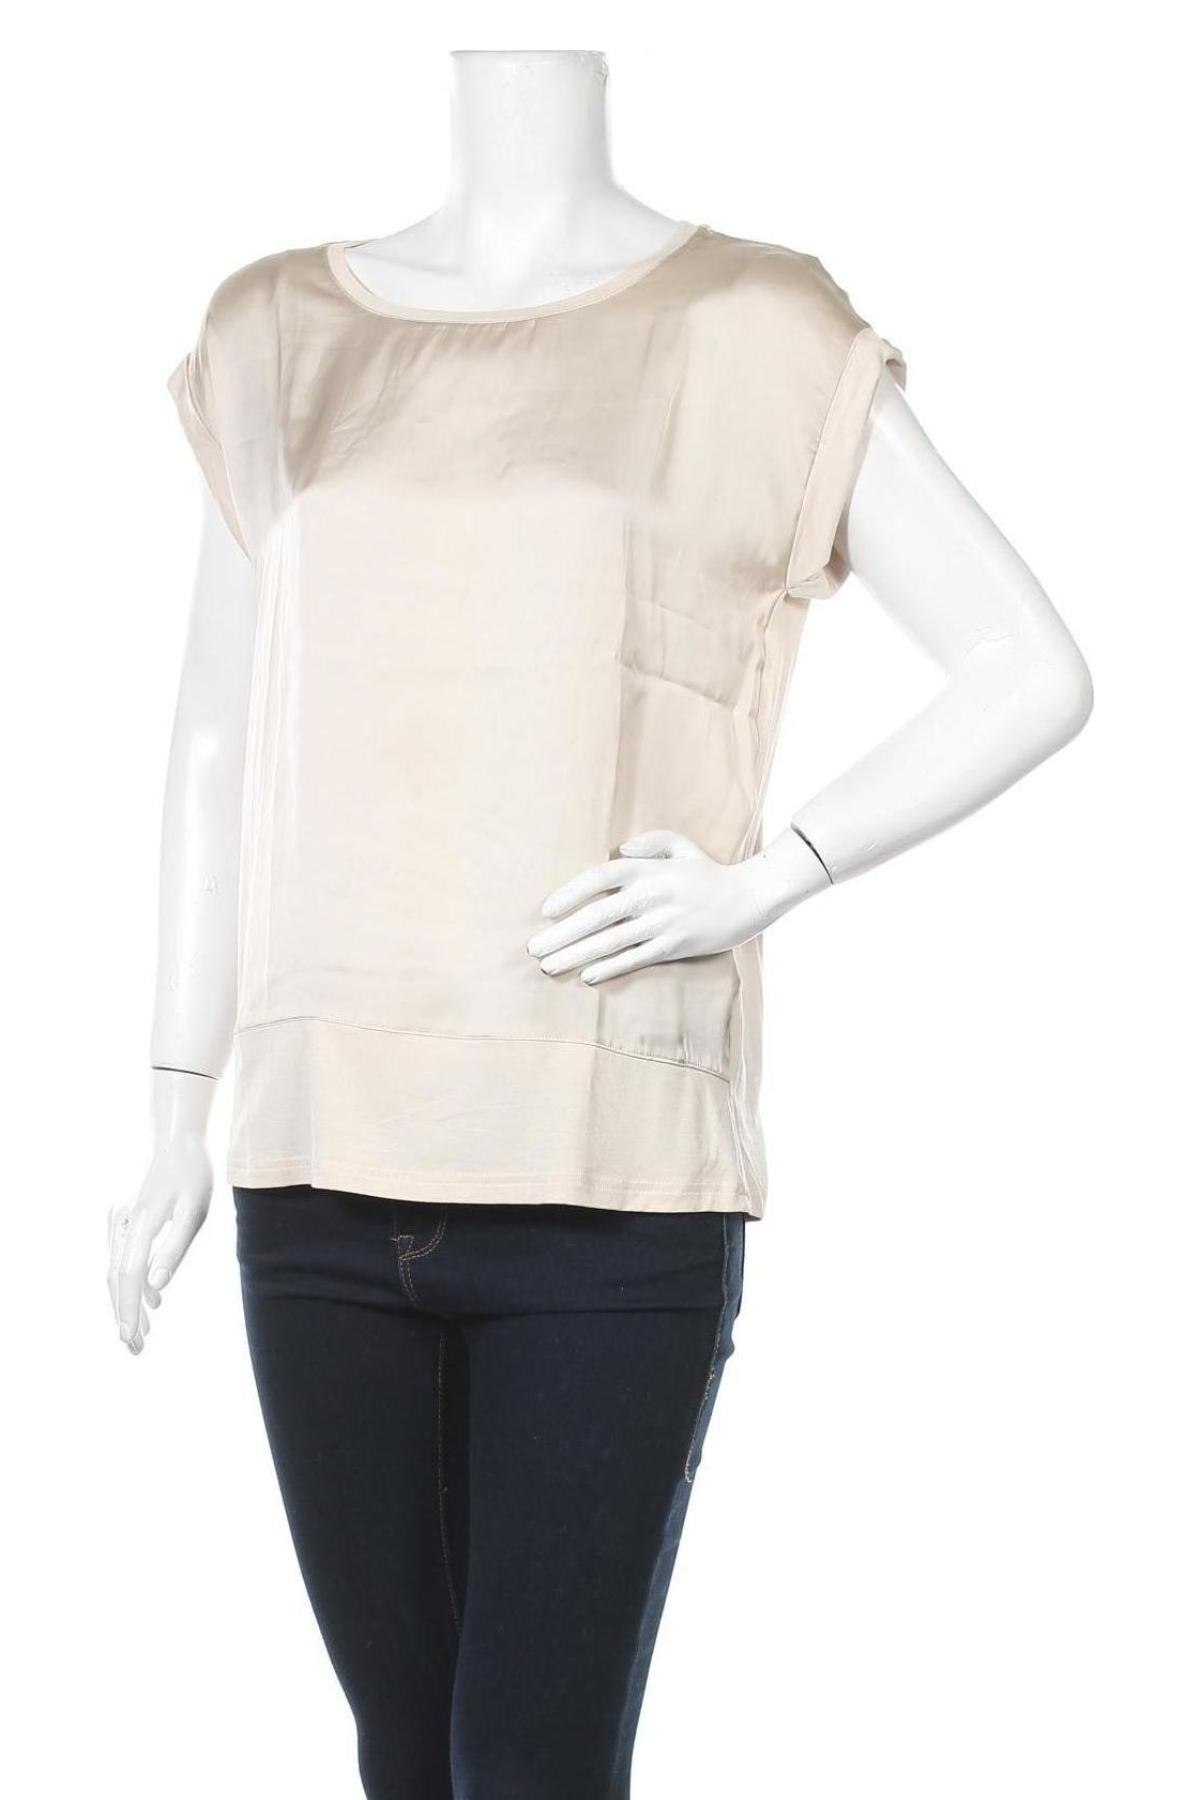 Γυναικεία μπλούζα Soya Concept, Μέγεθος S, Χρώμα  Μπέζ, Πολυεστέρας, βισκόζη, ελαστάνη, Τιμή 15,08€